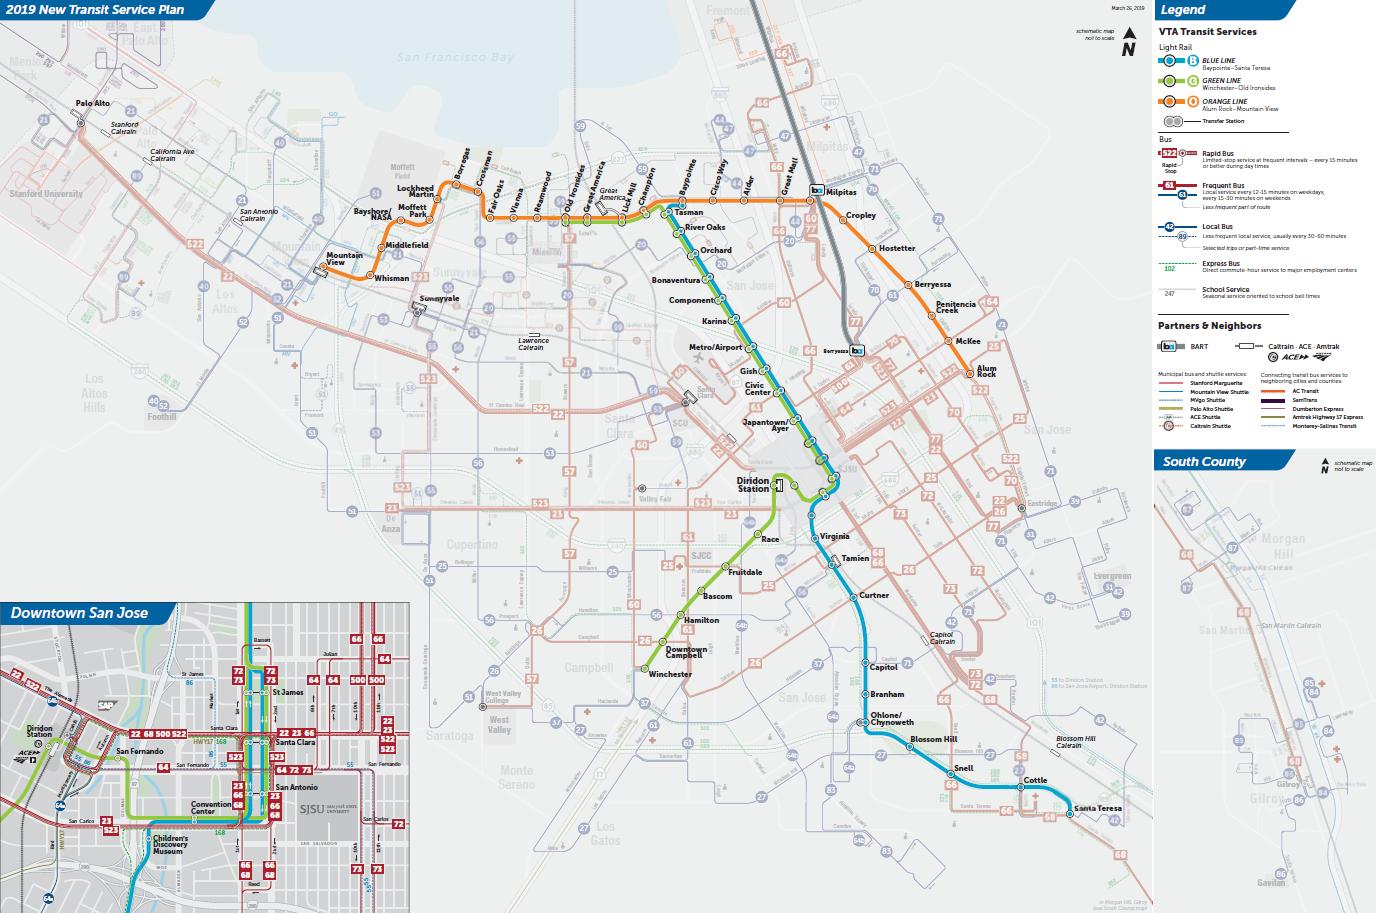 Mapa del servicio de tranvía del Nuevo Plan de Servicio de Transporte Público de 2019 definitivo  (PDF)